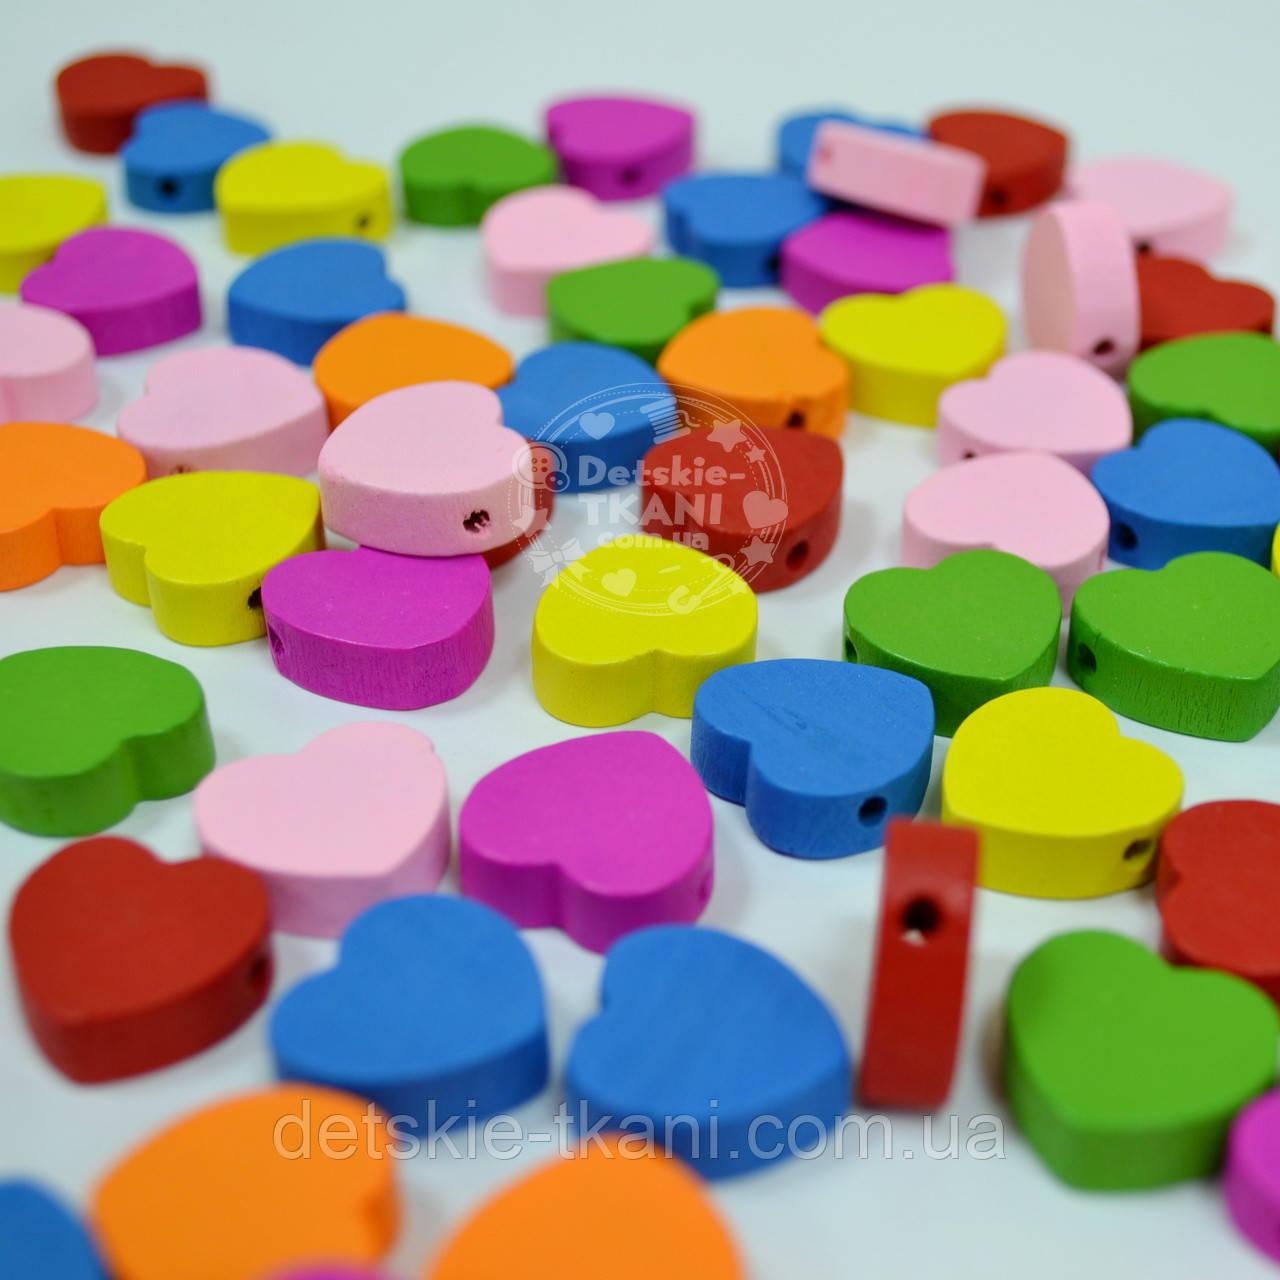 """Набор деревянного декора для рукоделия """"Цветные сердечки"""" (10 шт)"""